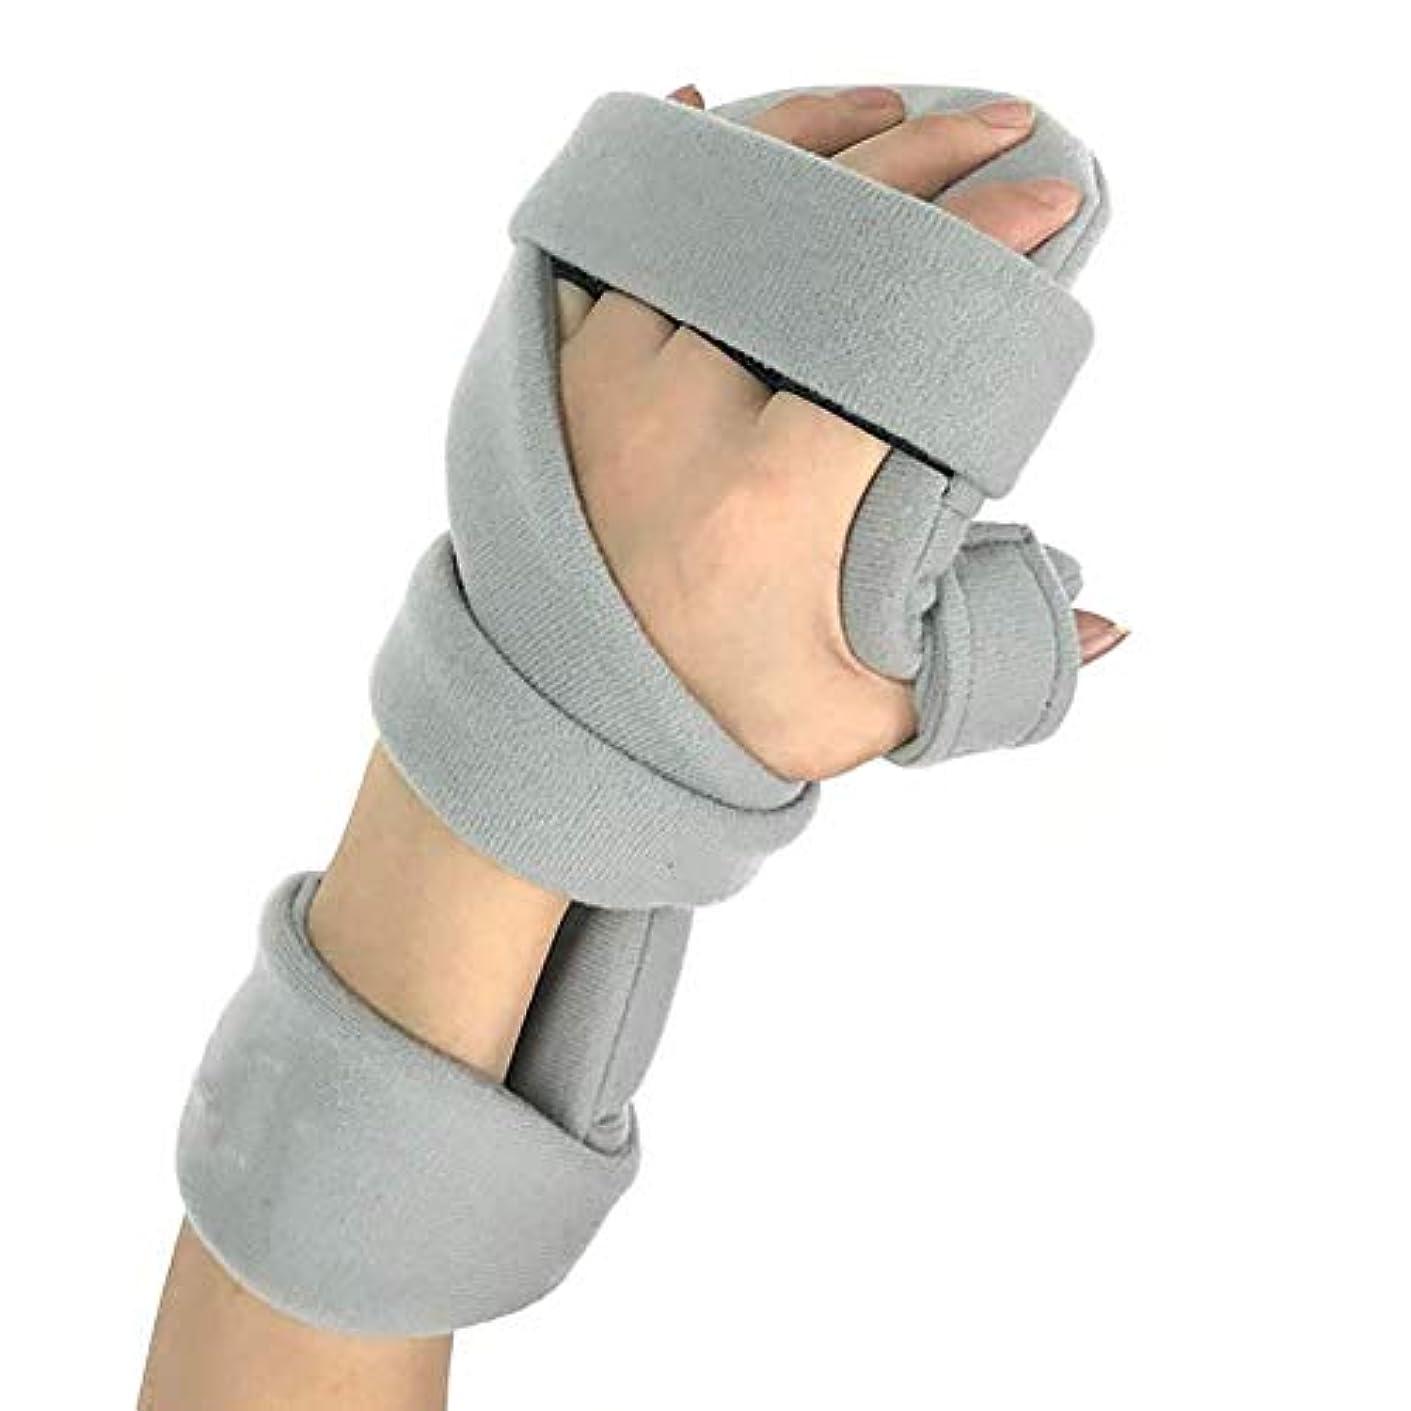 発明ウェイタードラマ指の怪我のサポート、脳卒中片麻痺患者のリハビリテーションツール支援の指の副木手袋,Right Hand